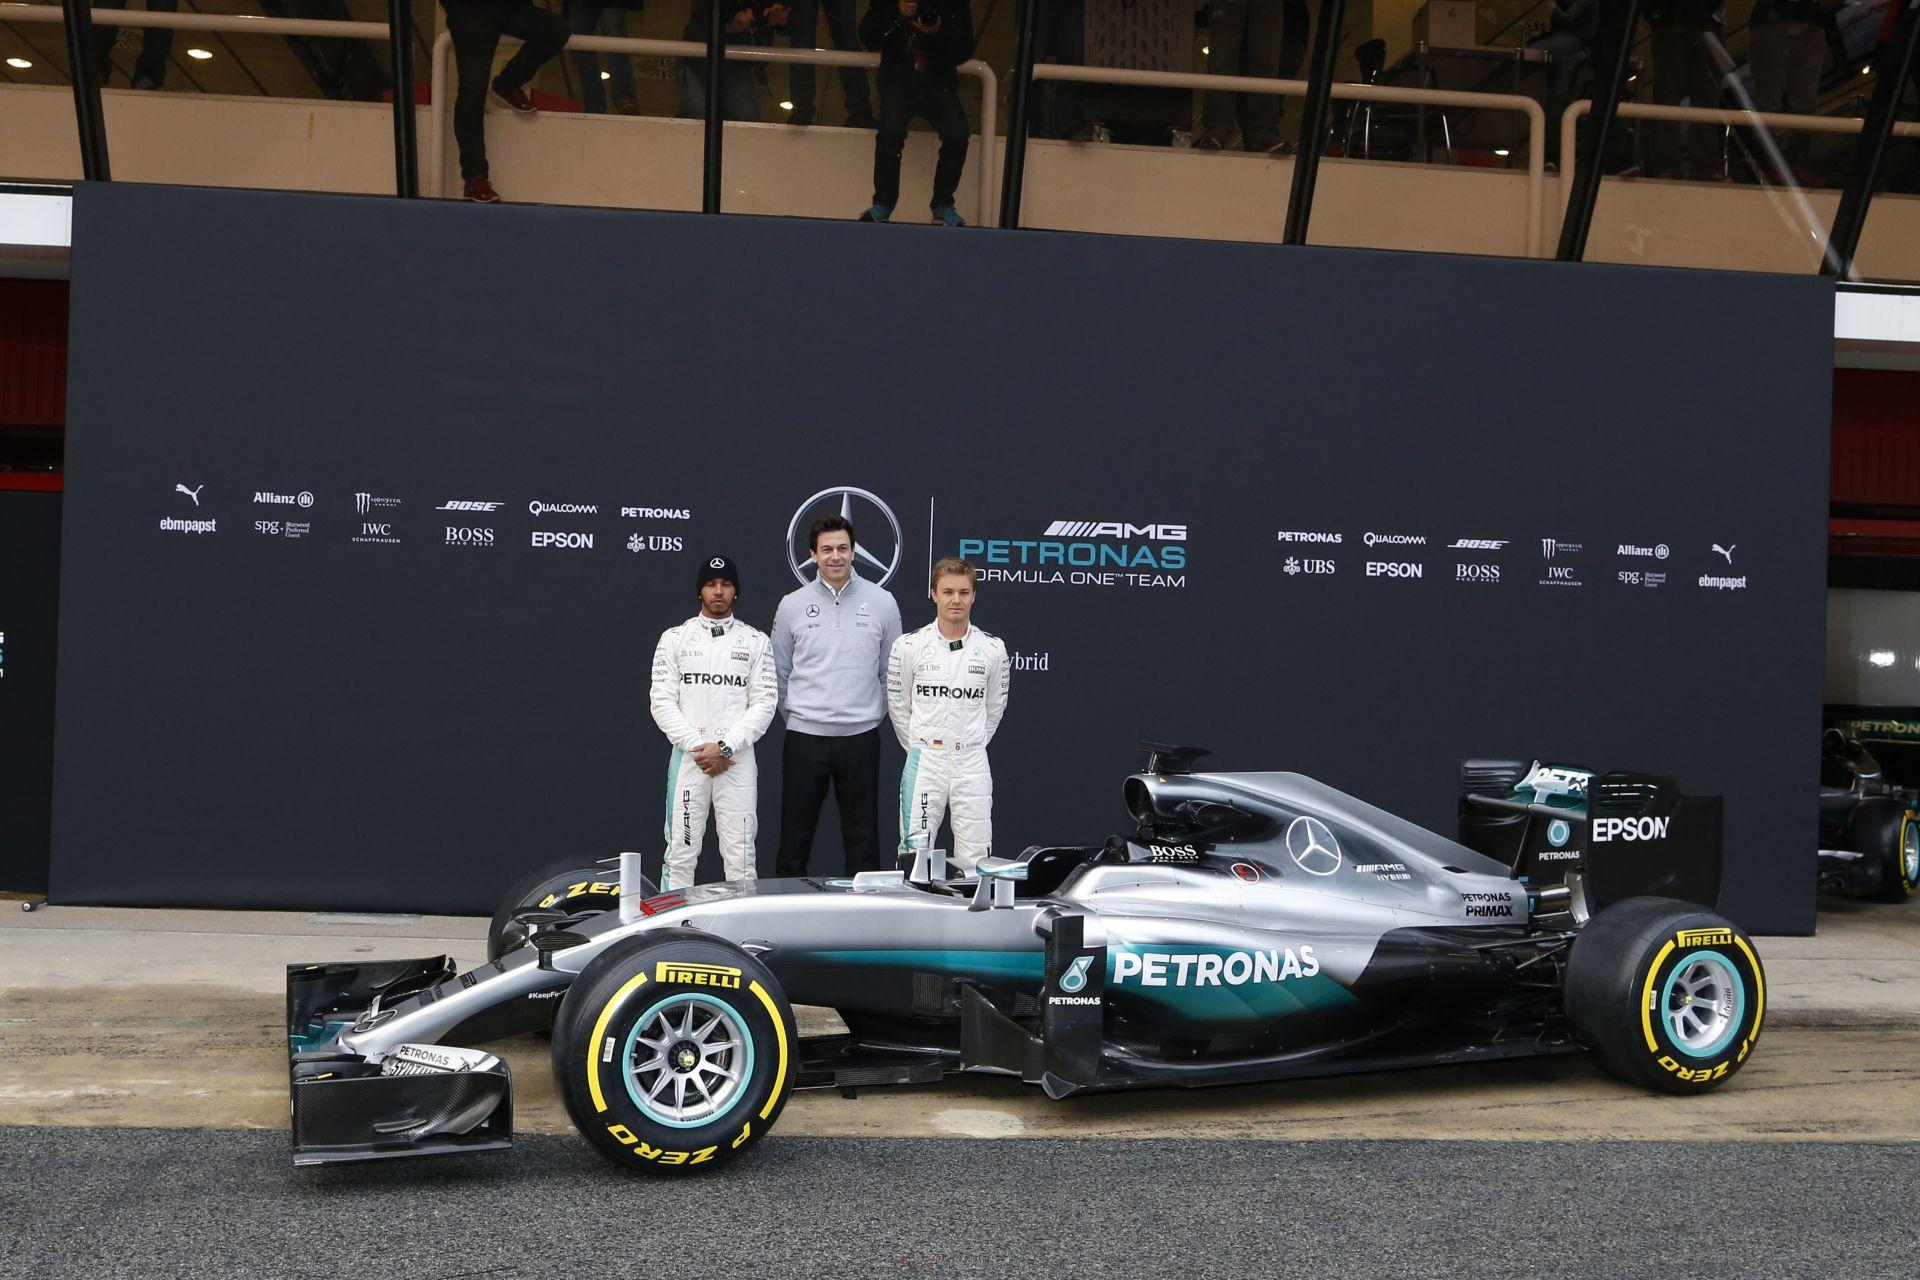 A Mercedes tudja, hogy ismét mindenki a nulláról indul, ja és már alig várják Hamilton és Rosberg küzdelmét!